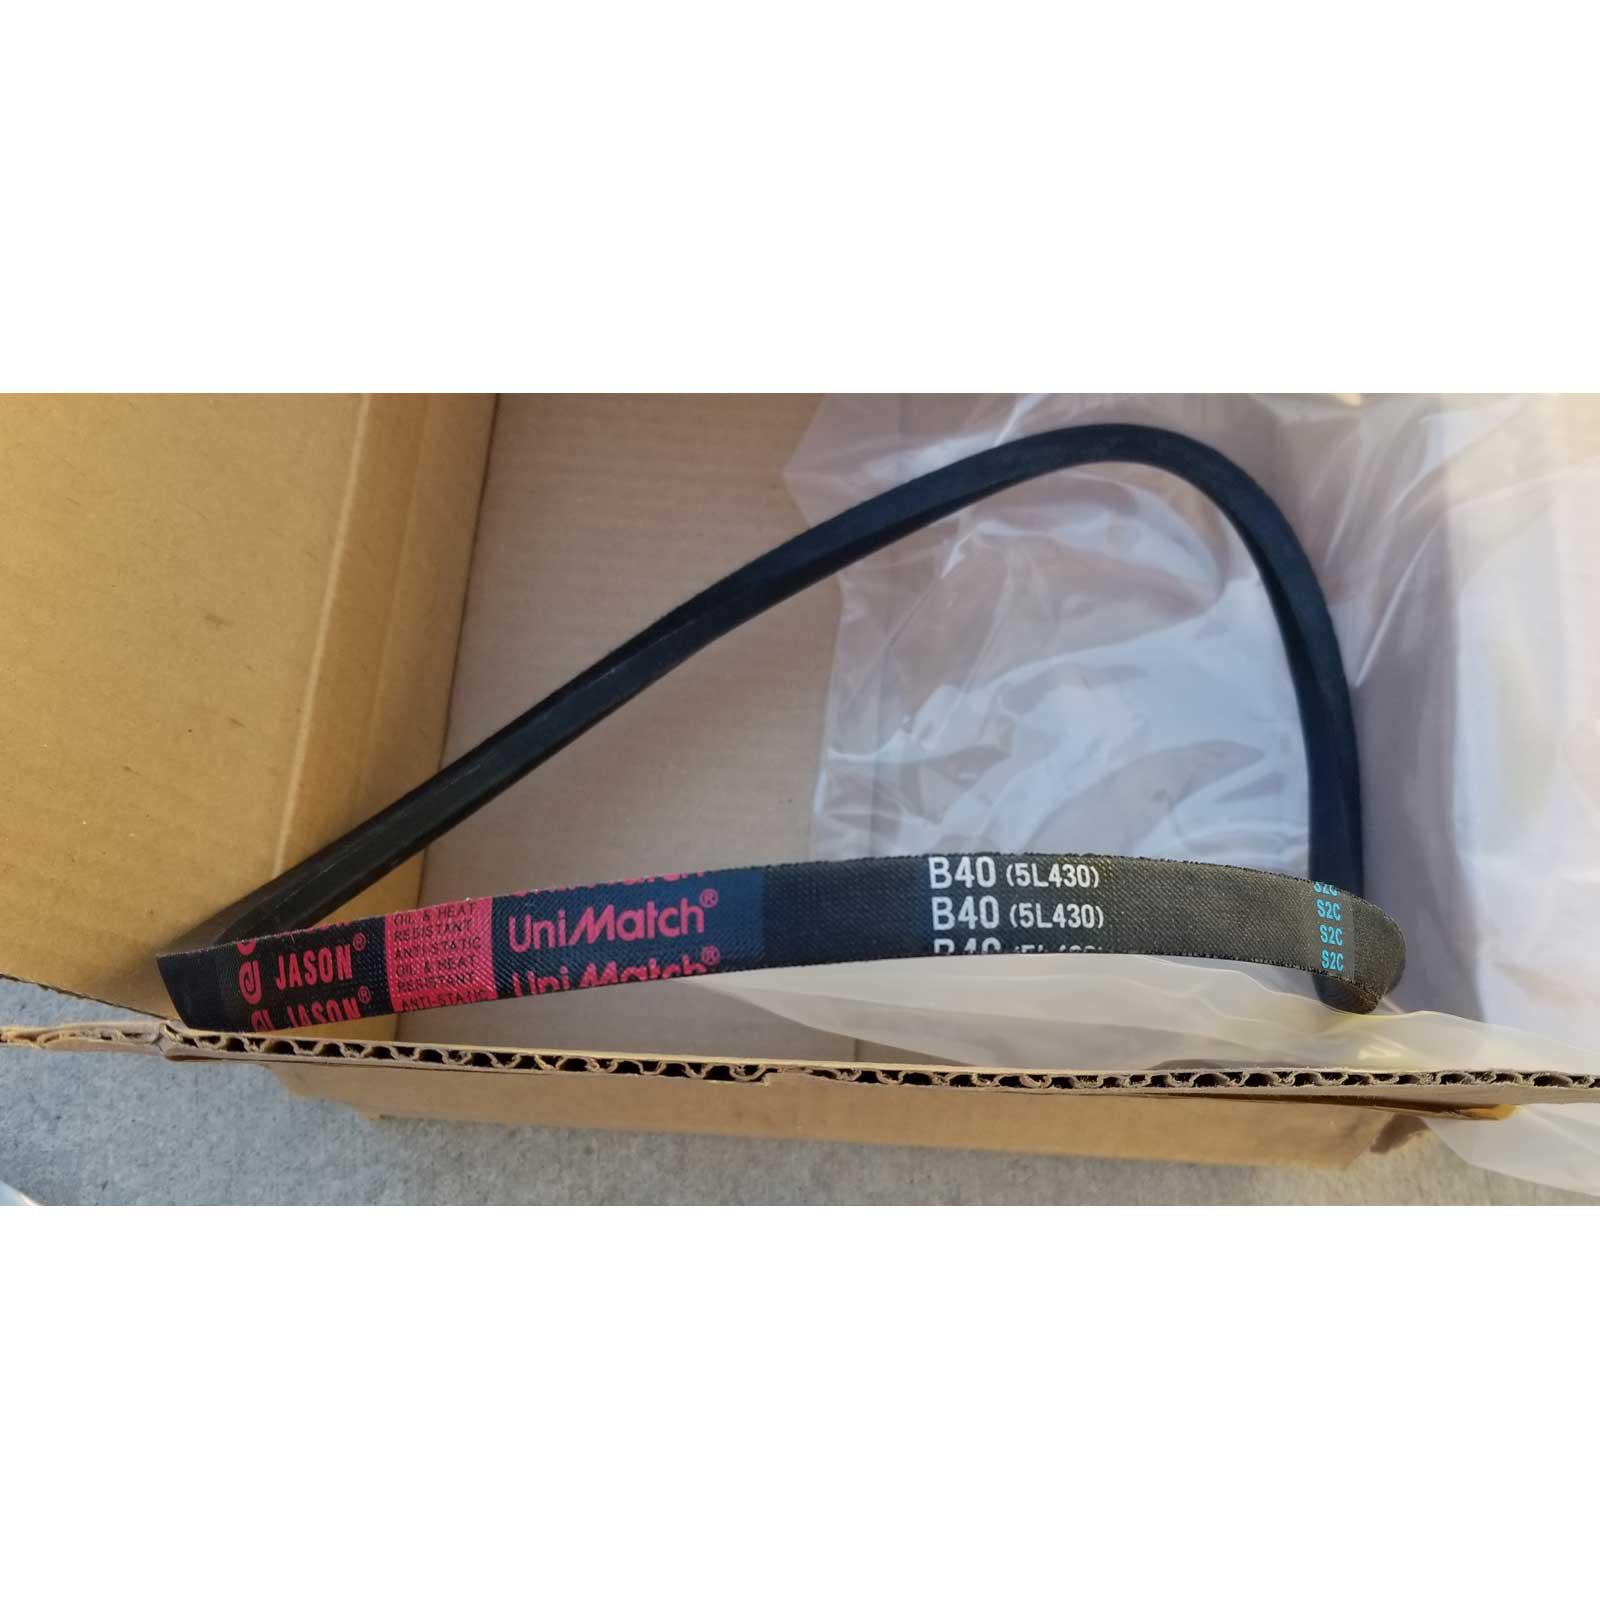 Jason Industrial B40 5L430 V-Belt